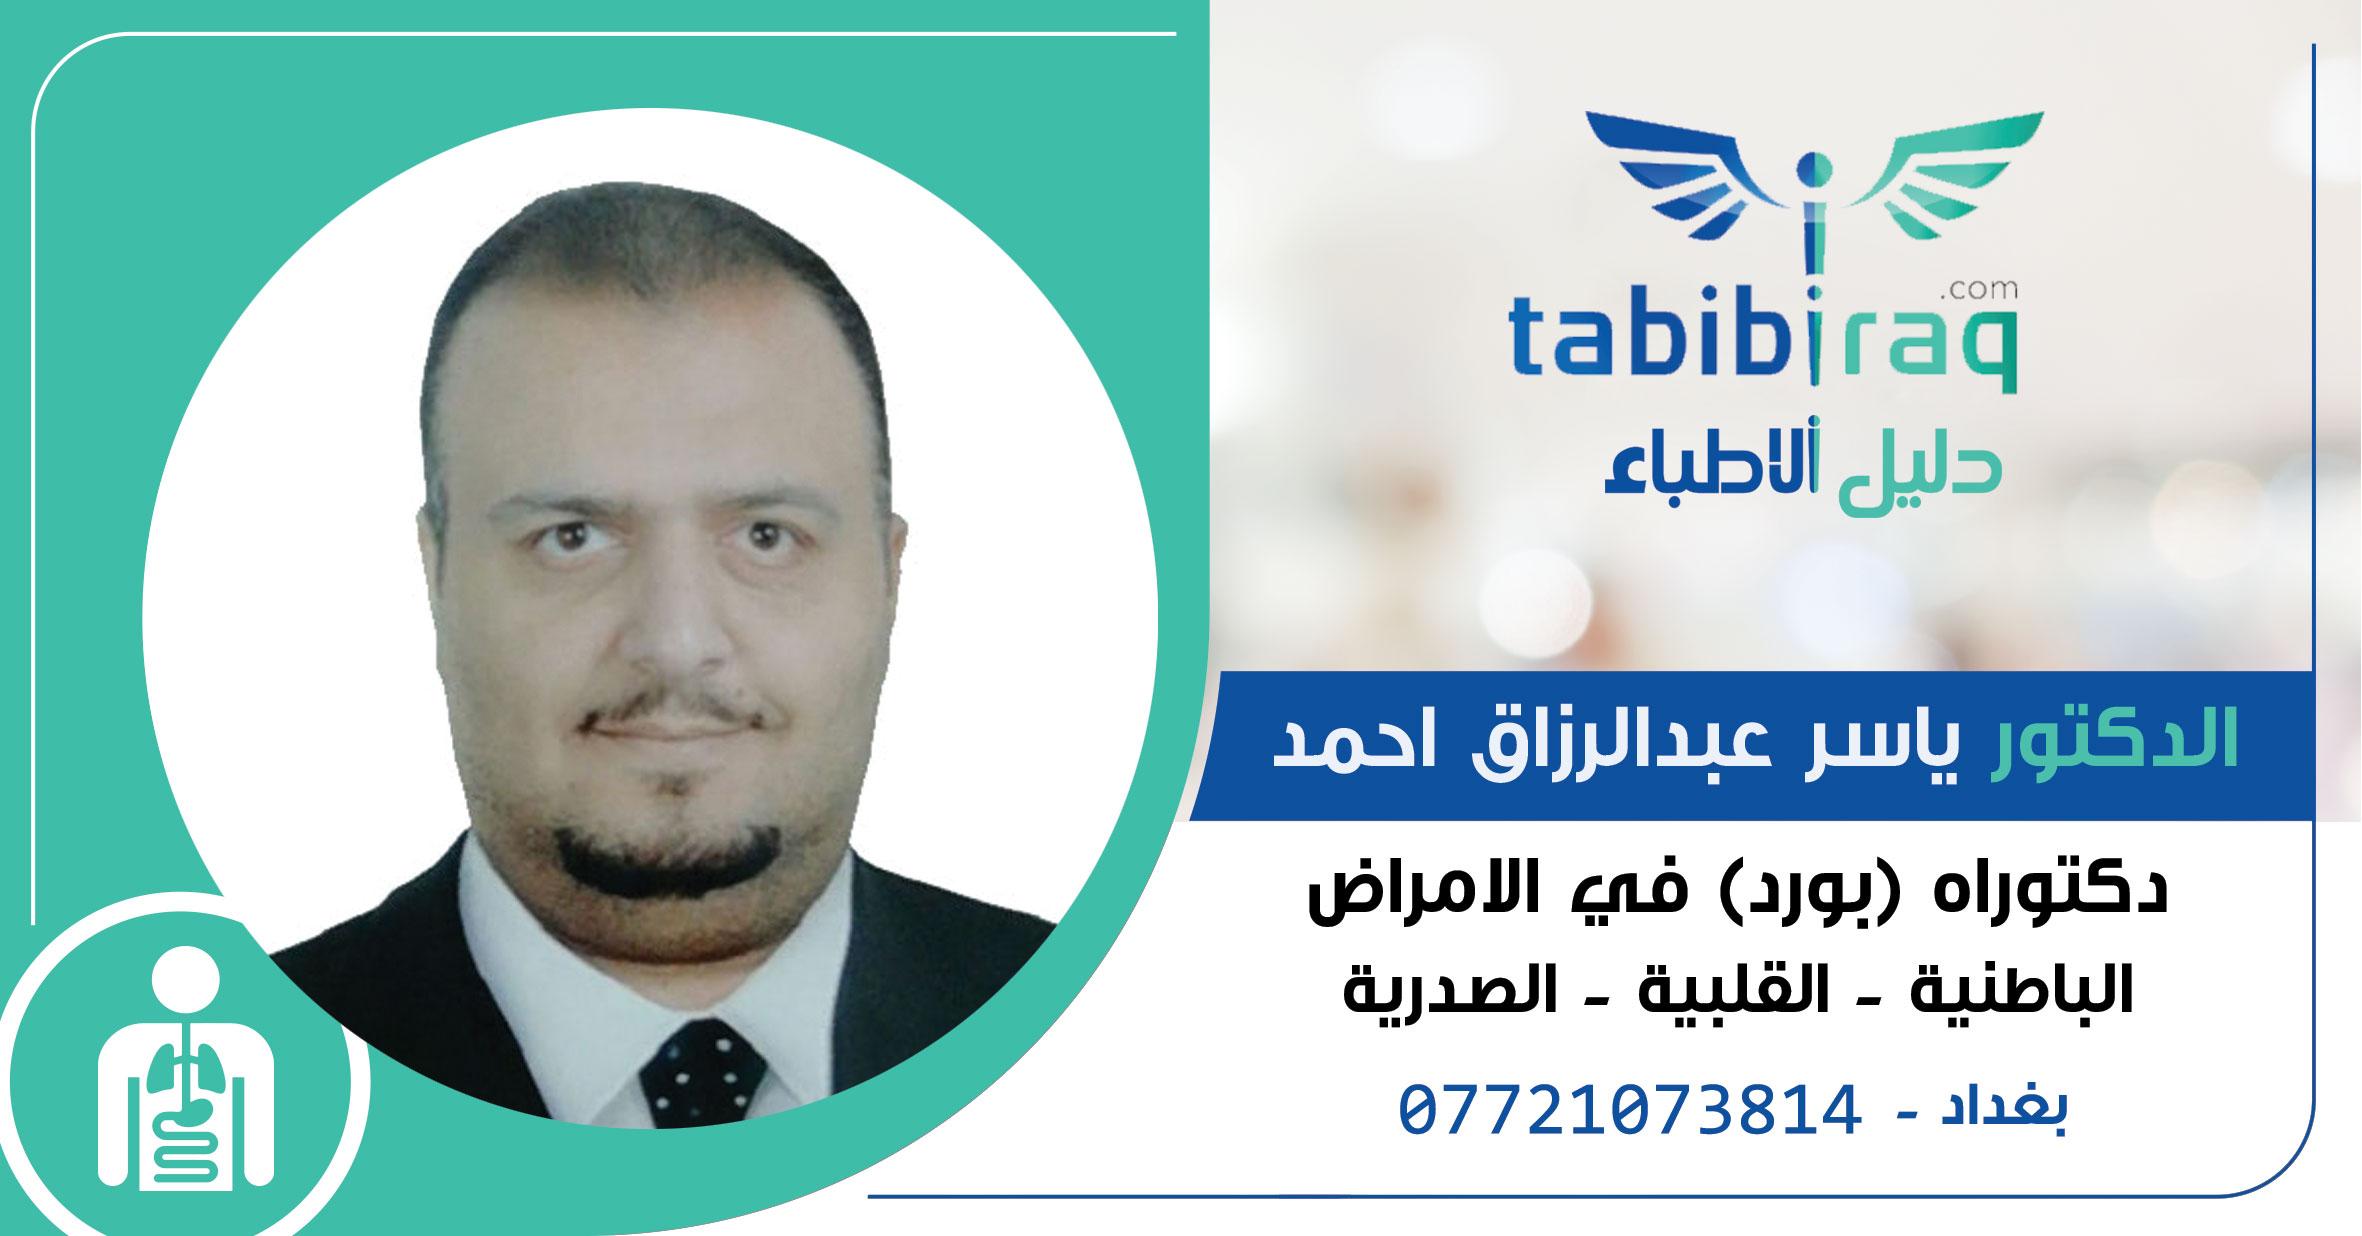 الدكتور ياسر عبدالرزاق احمد